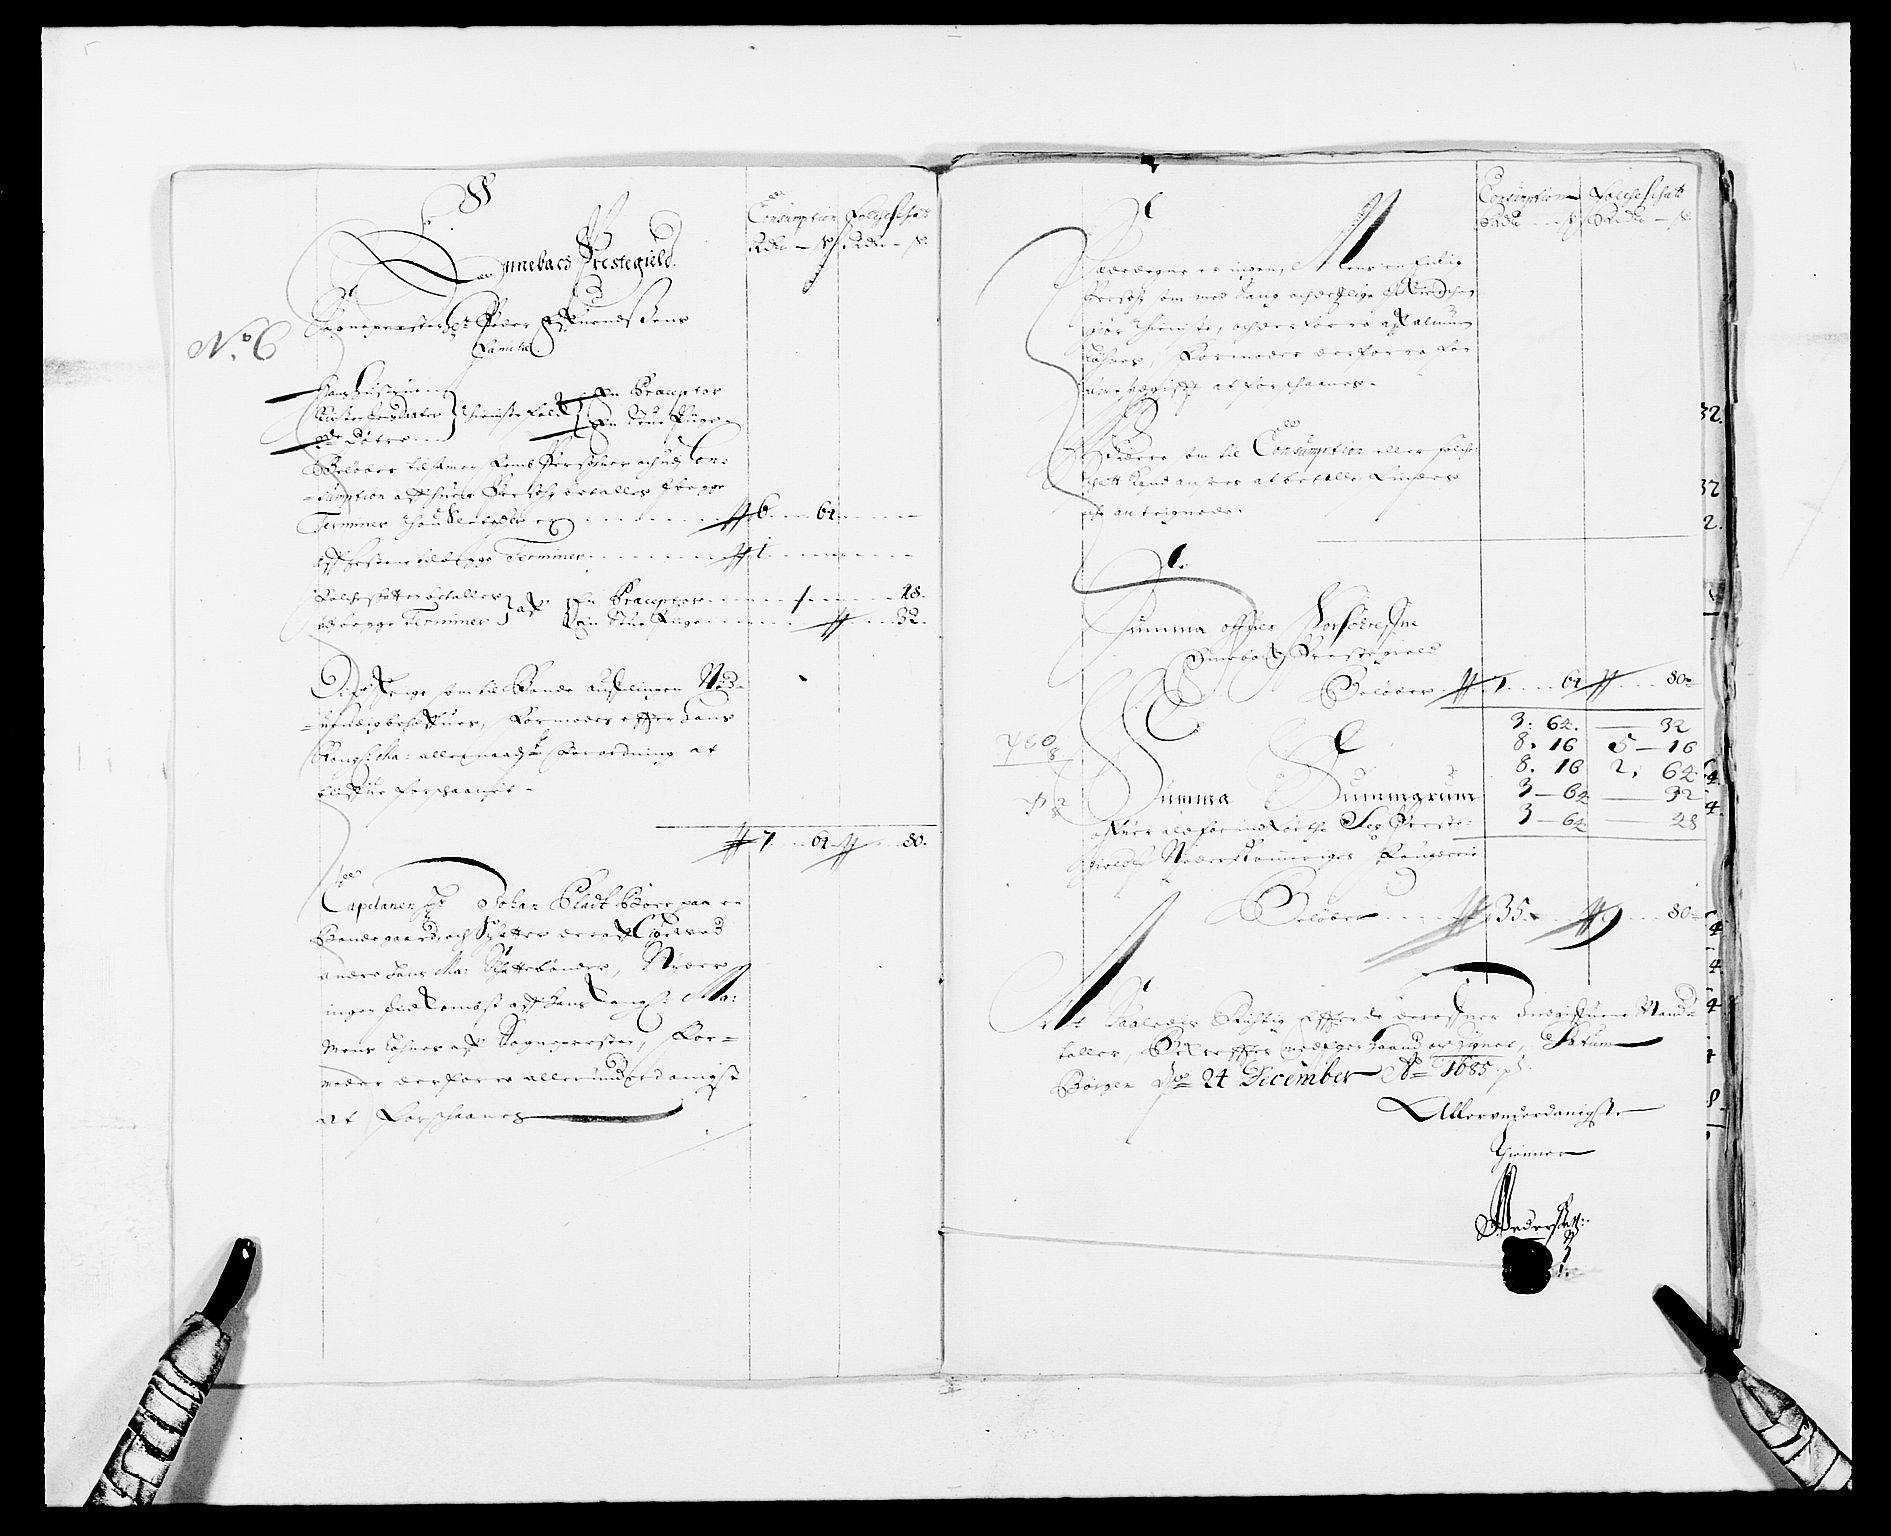 RA, Rentekammeret inntil 1814, Reviderte regnskaper, Fogderegnskap, R11/L0571: Fogderegnskap Nedre Romerike, 1683-1685, s. 502